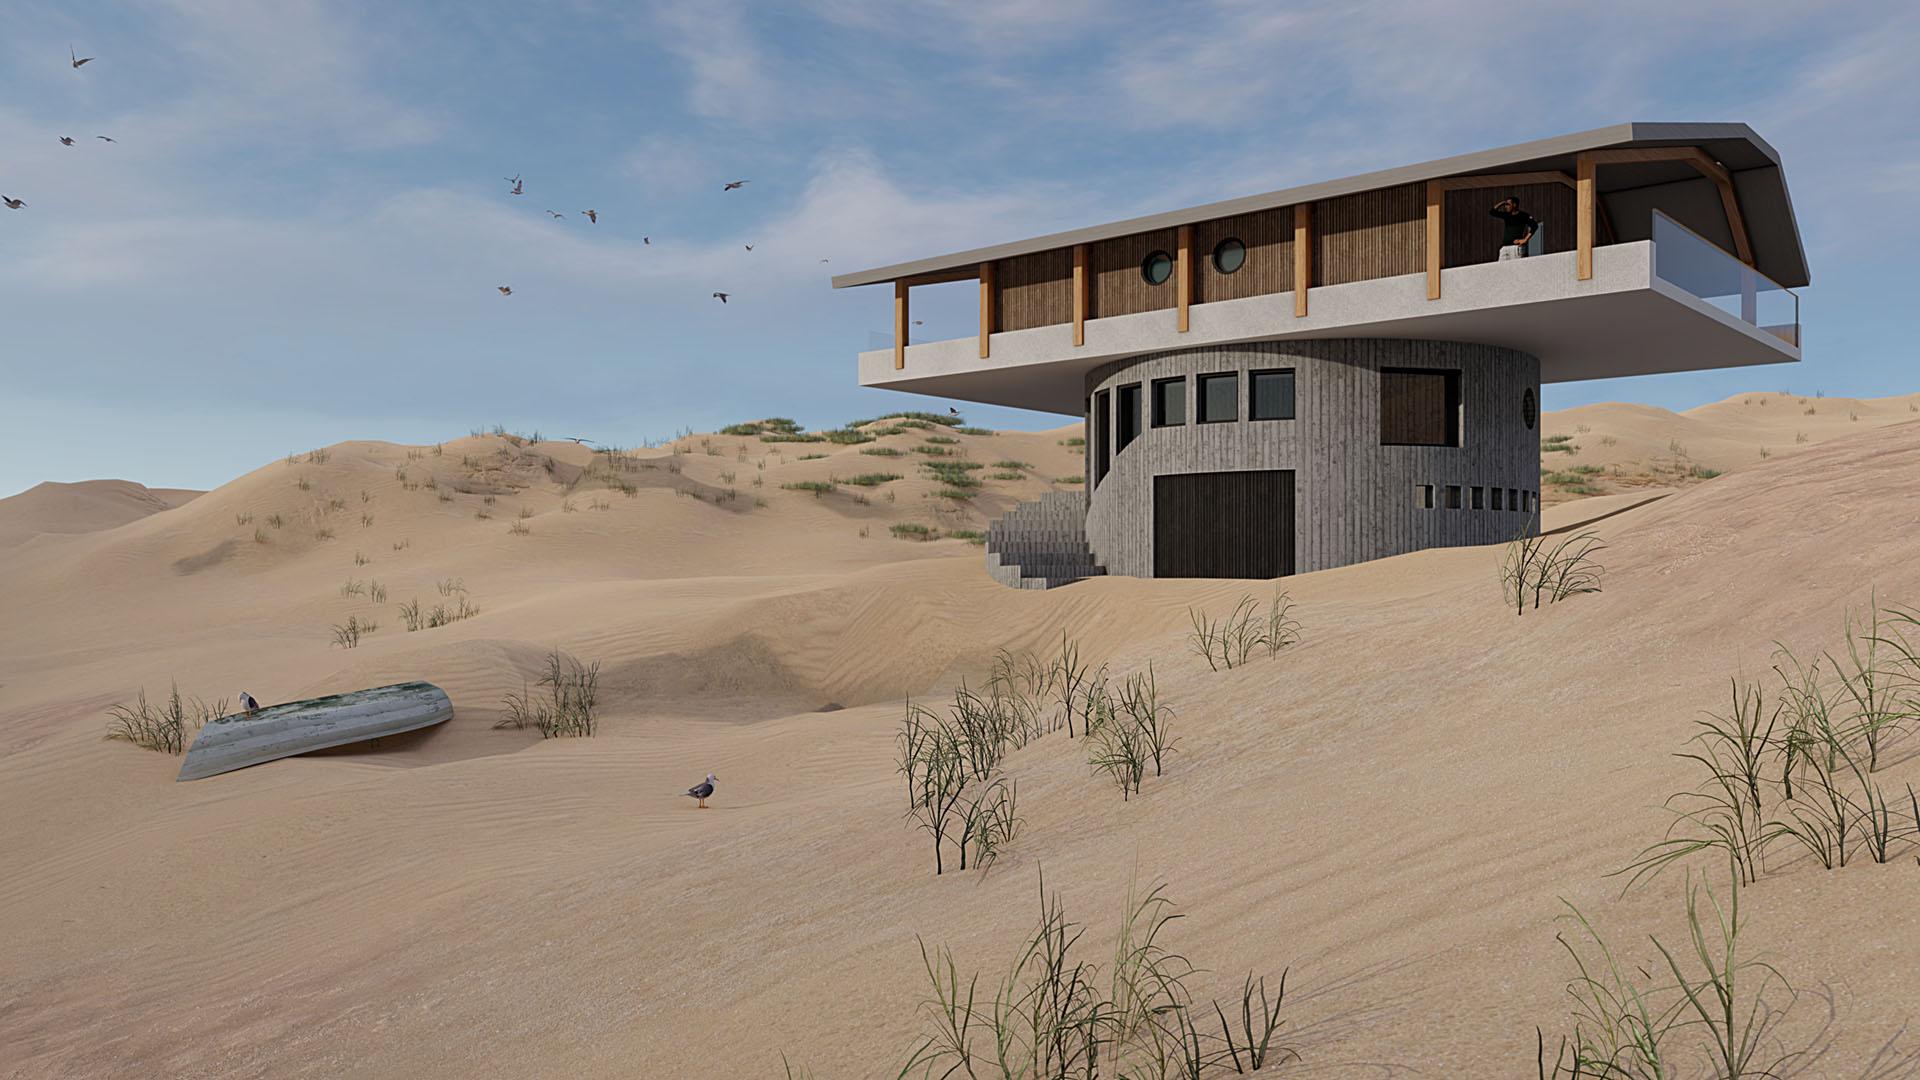 Vrijere werk van Van Tijen: draaibaar strandpaviljoen